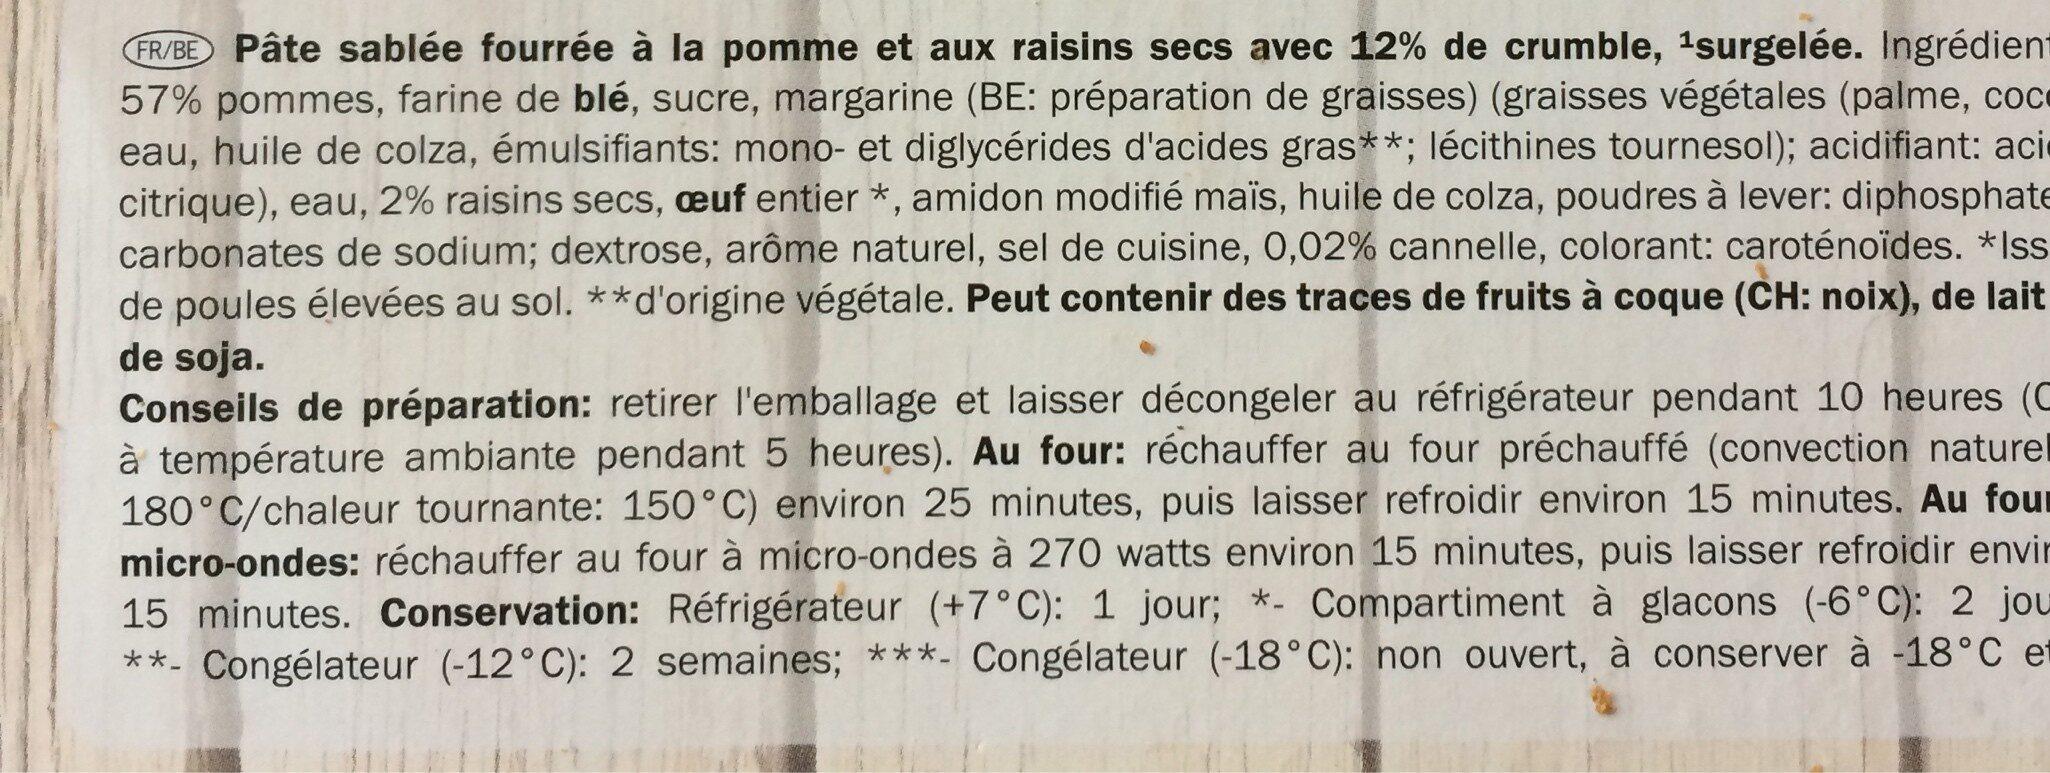 Tarta de manzana - Ingrédients - fr